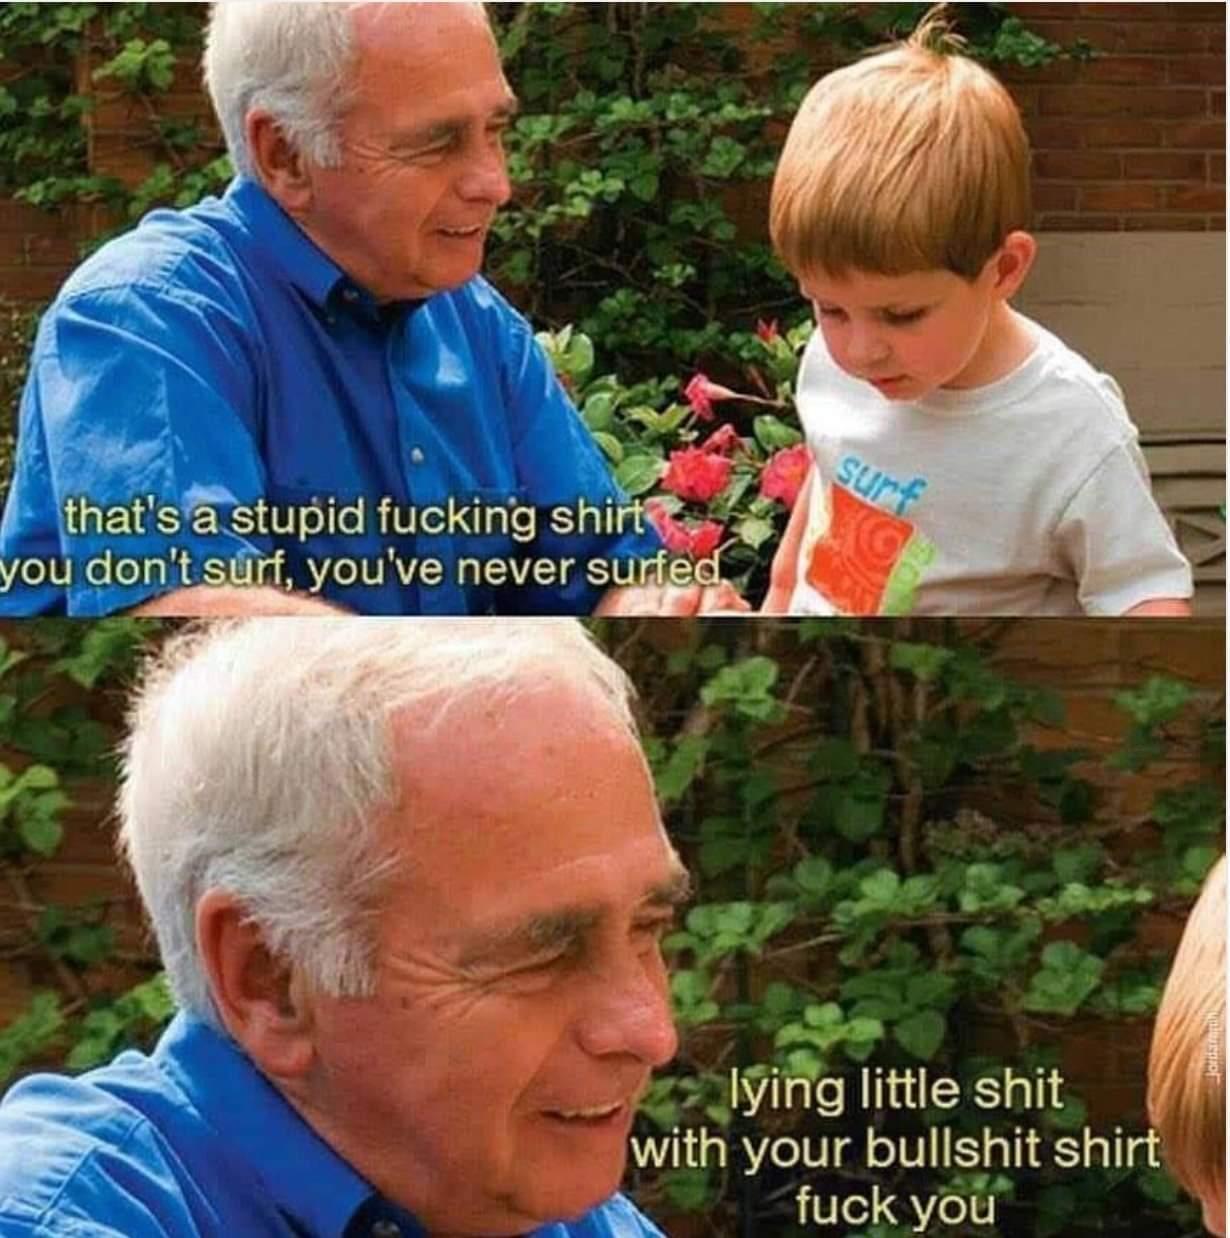 Old people be like - meme